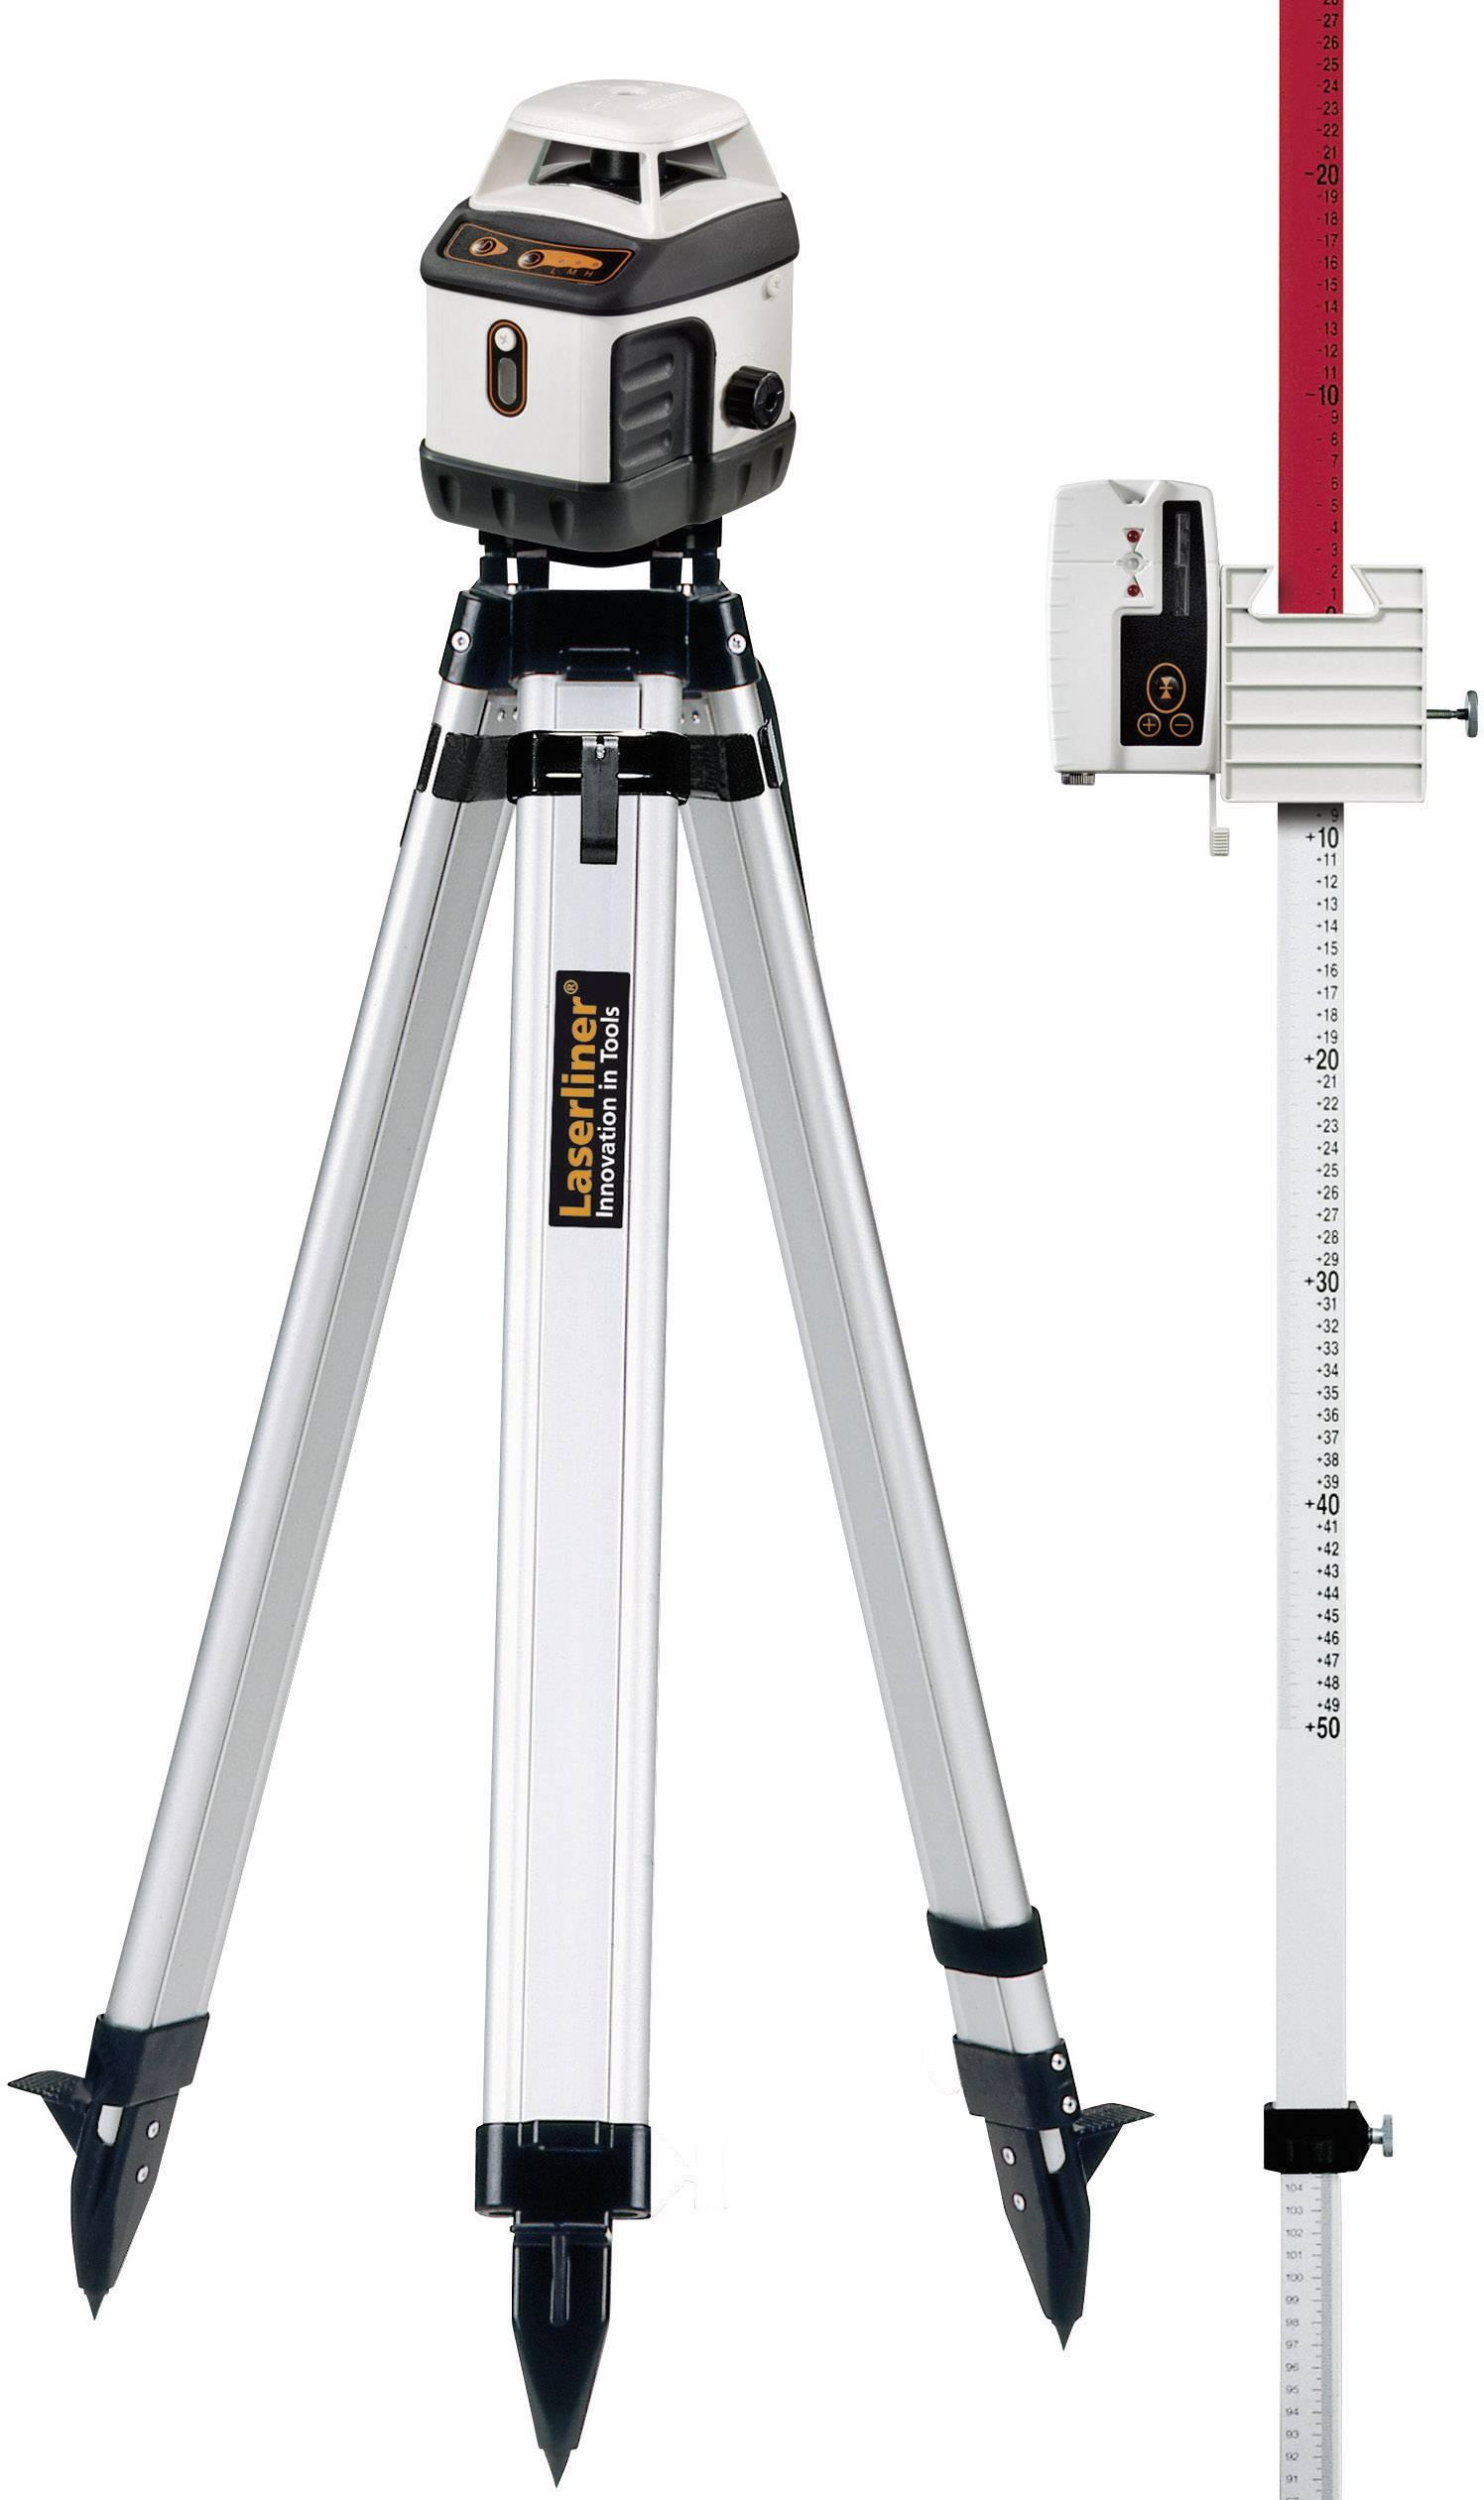 Rotační laser samonivelační, vč. stativu Laserliner AquaPro 120, Kalibrováno dle: podnikový standard (bez certifikátu) (own)